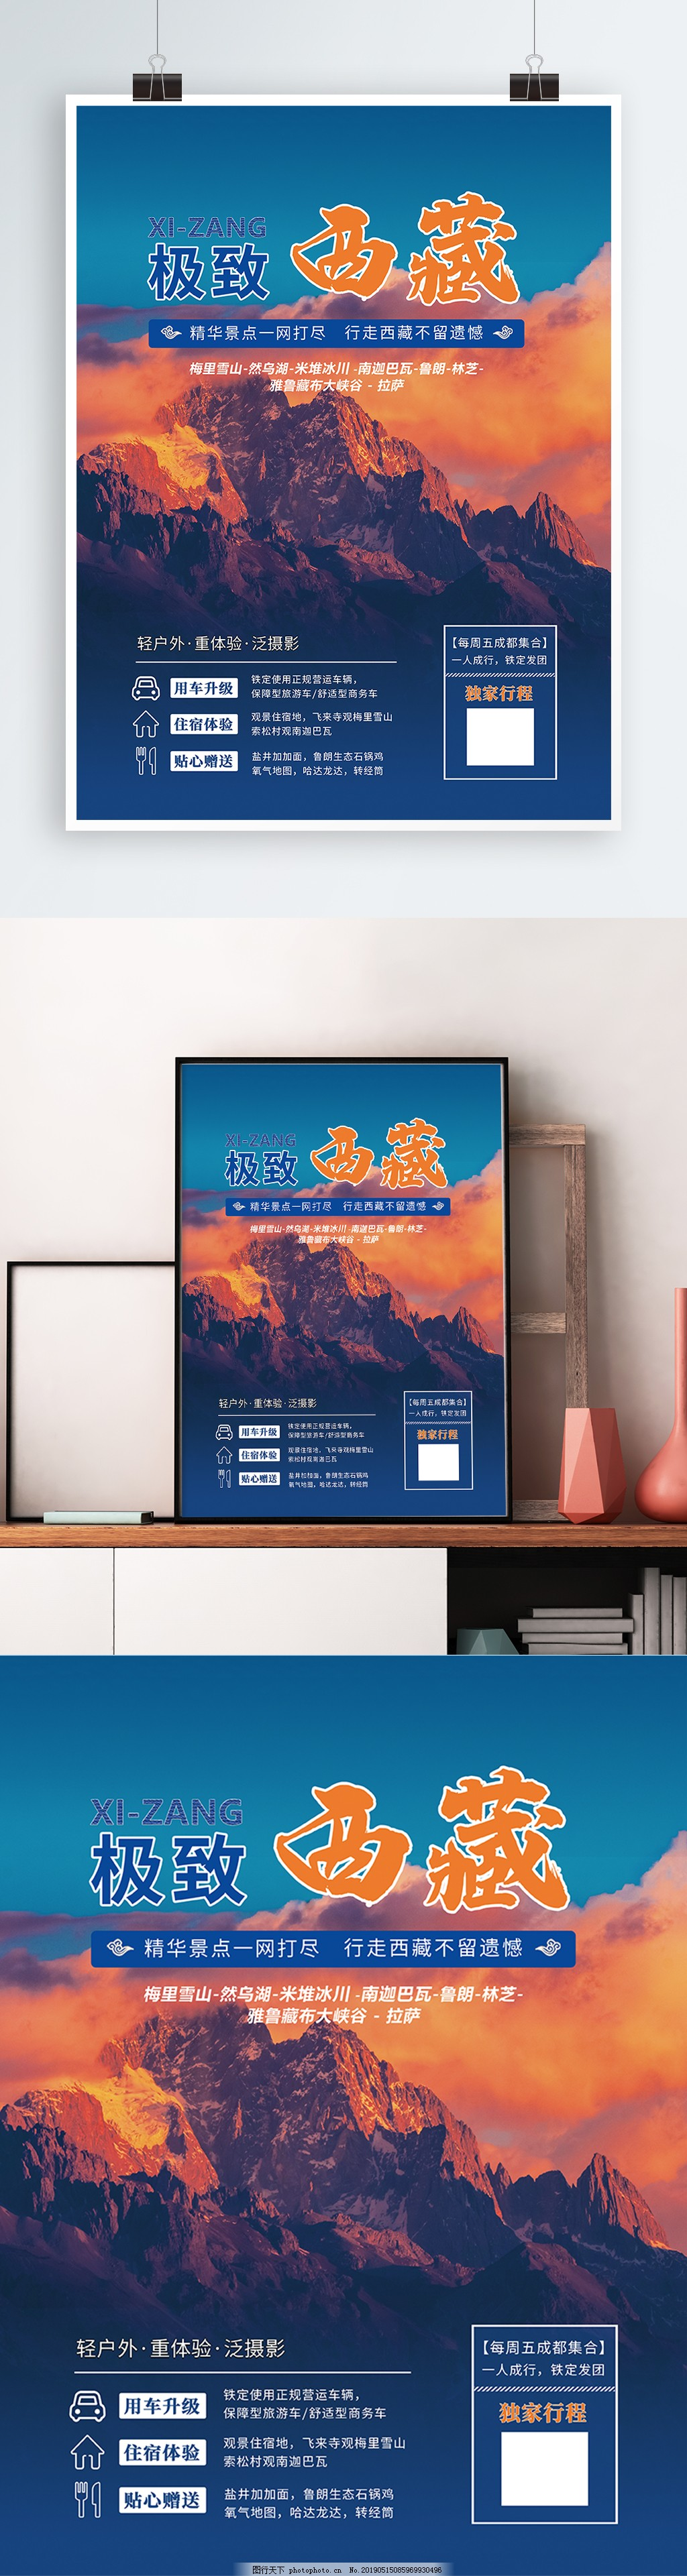 蓝色细腻写实日照雪山极致西藏旅游海报